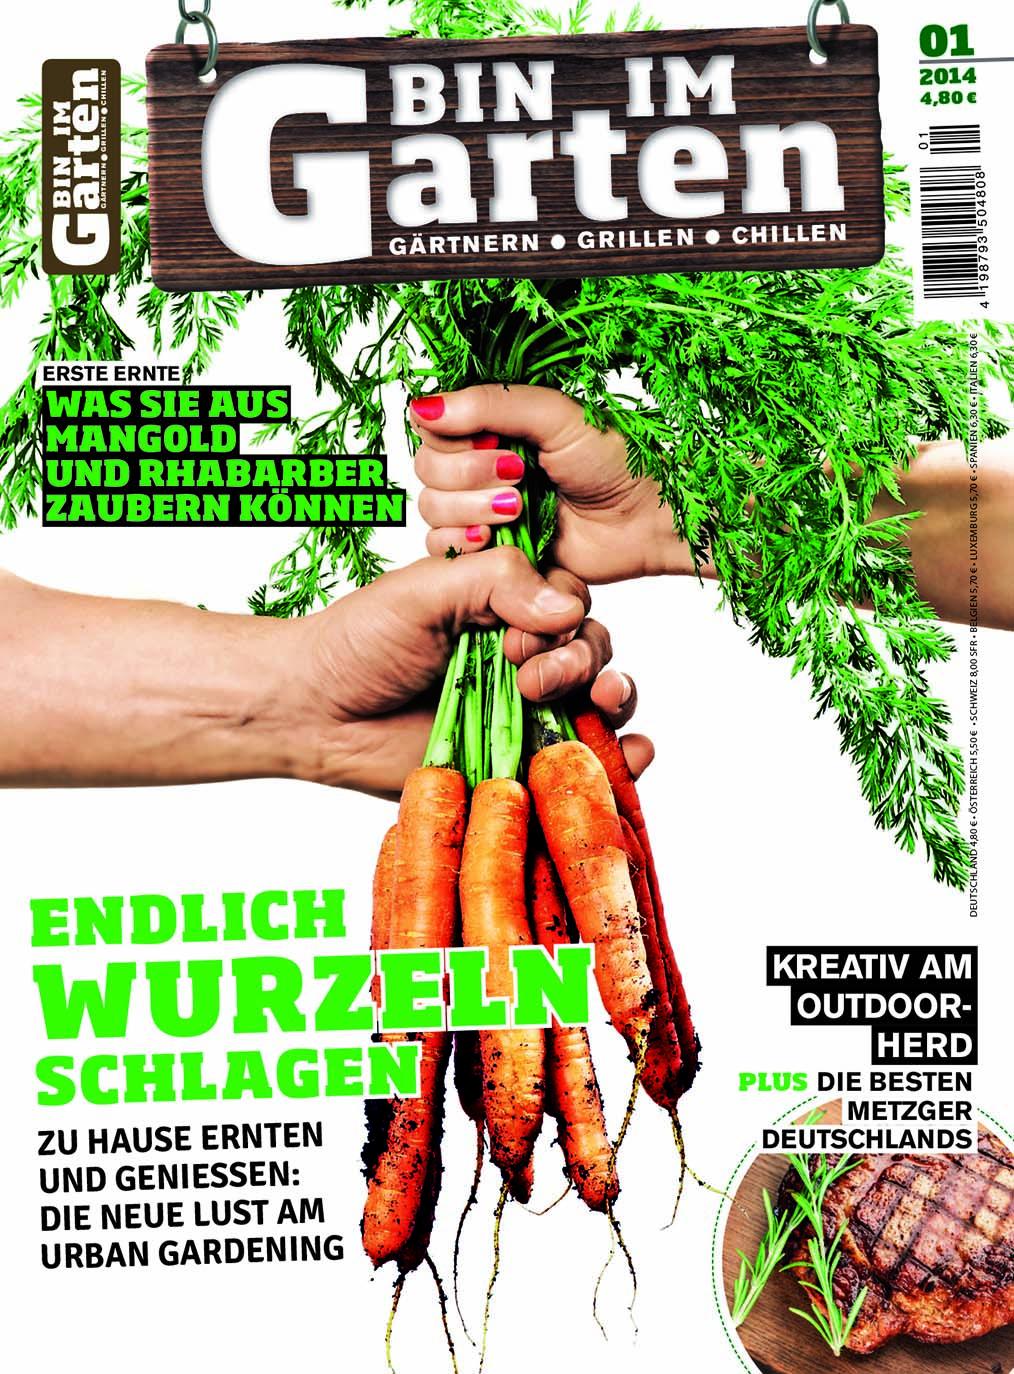 Full Size of Garten Zeitschrift Jahr Top Special Verlag Launcht Bin Im Paravent Schaukel Holzhaus Kind Sichtschutz Schallschutz Vertikal Kugelleuchten Kugelleuchte Garten Garten Zeitschrift